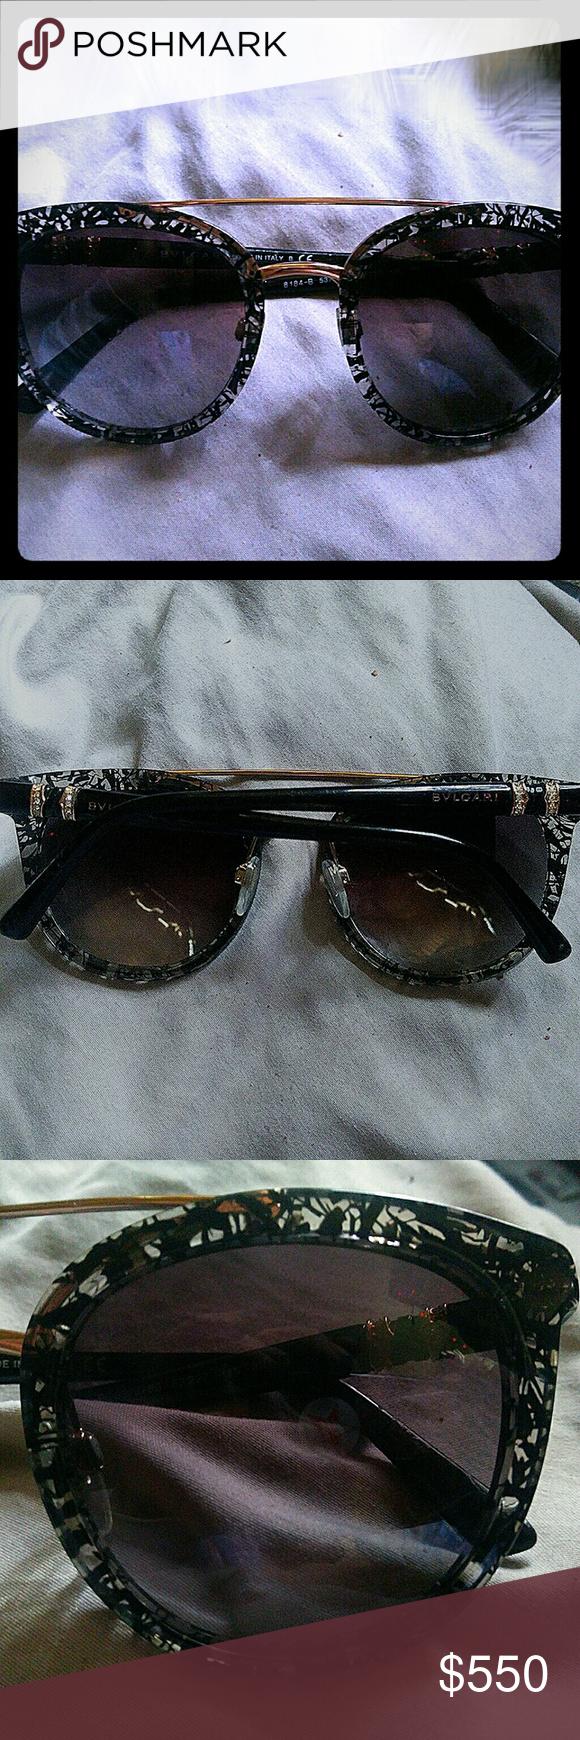 1657aae4ada EUC BVLGARI SUNGLASSES tortiseshell authentic EUC tortoise shell sunglasses  authentic from BVLGARI . No case.